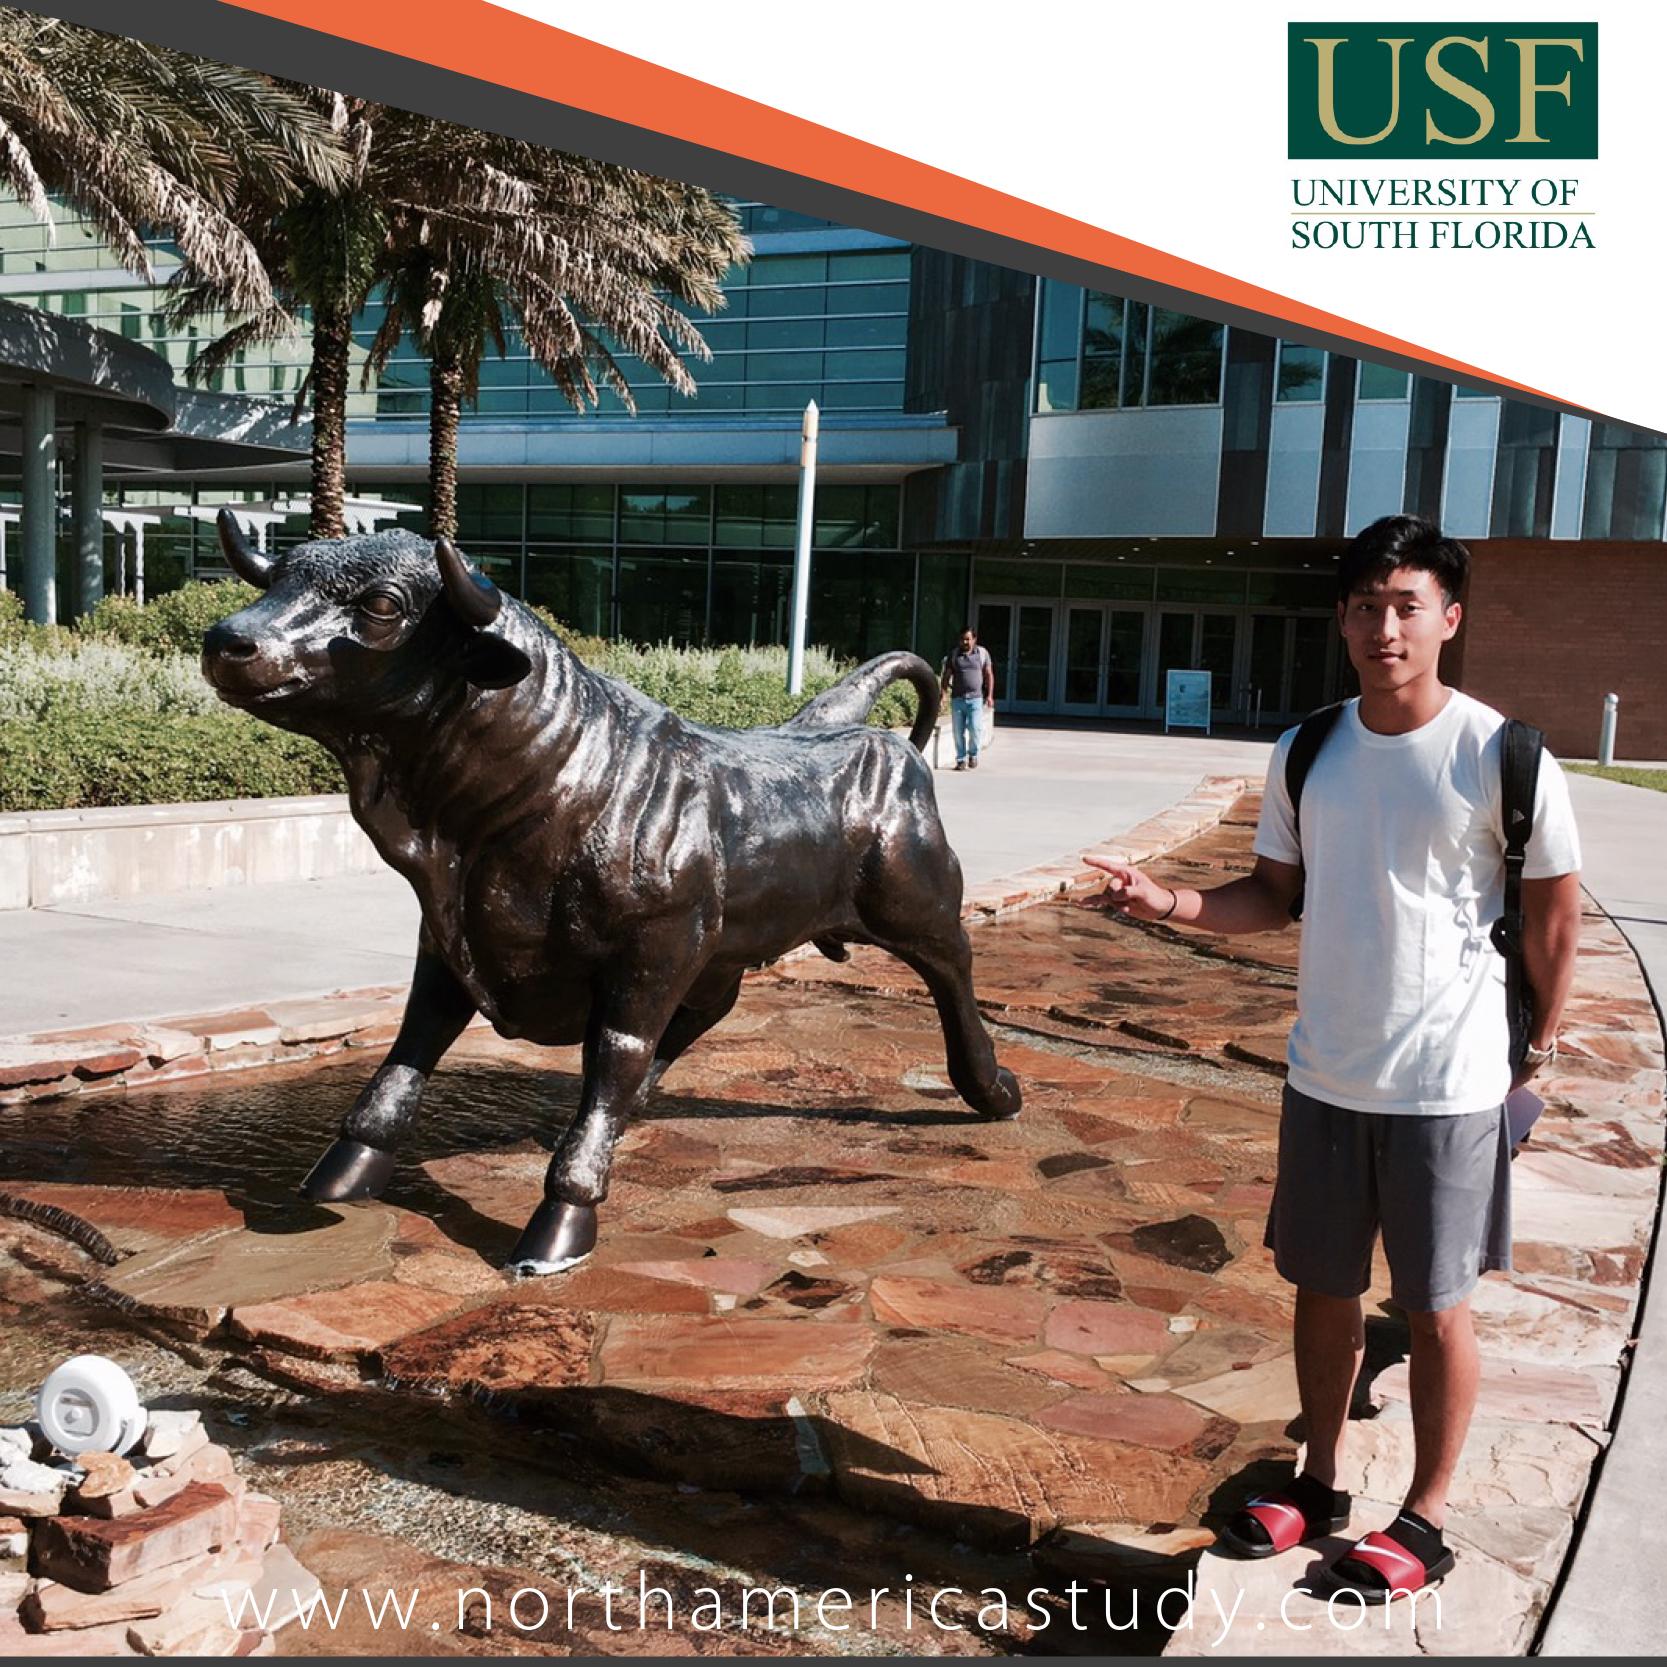 รีวิวจากน้องณัฐพรรษ เรียนที่ University of South Florida